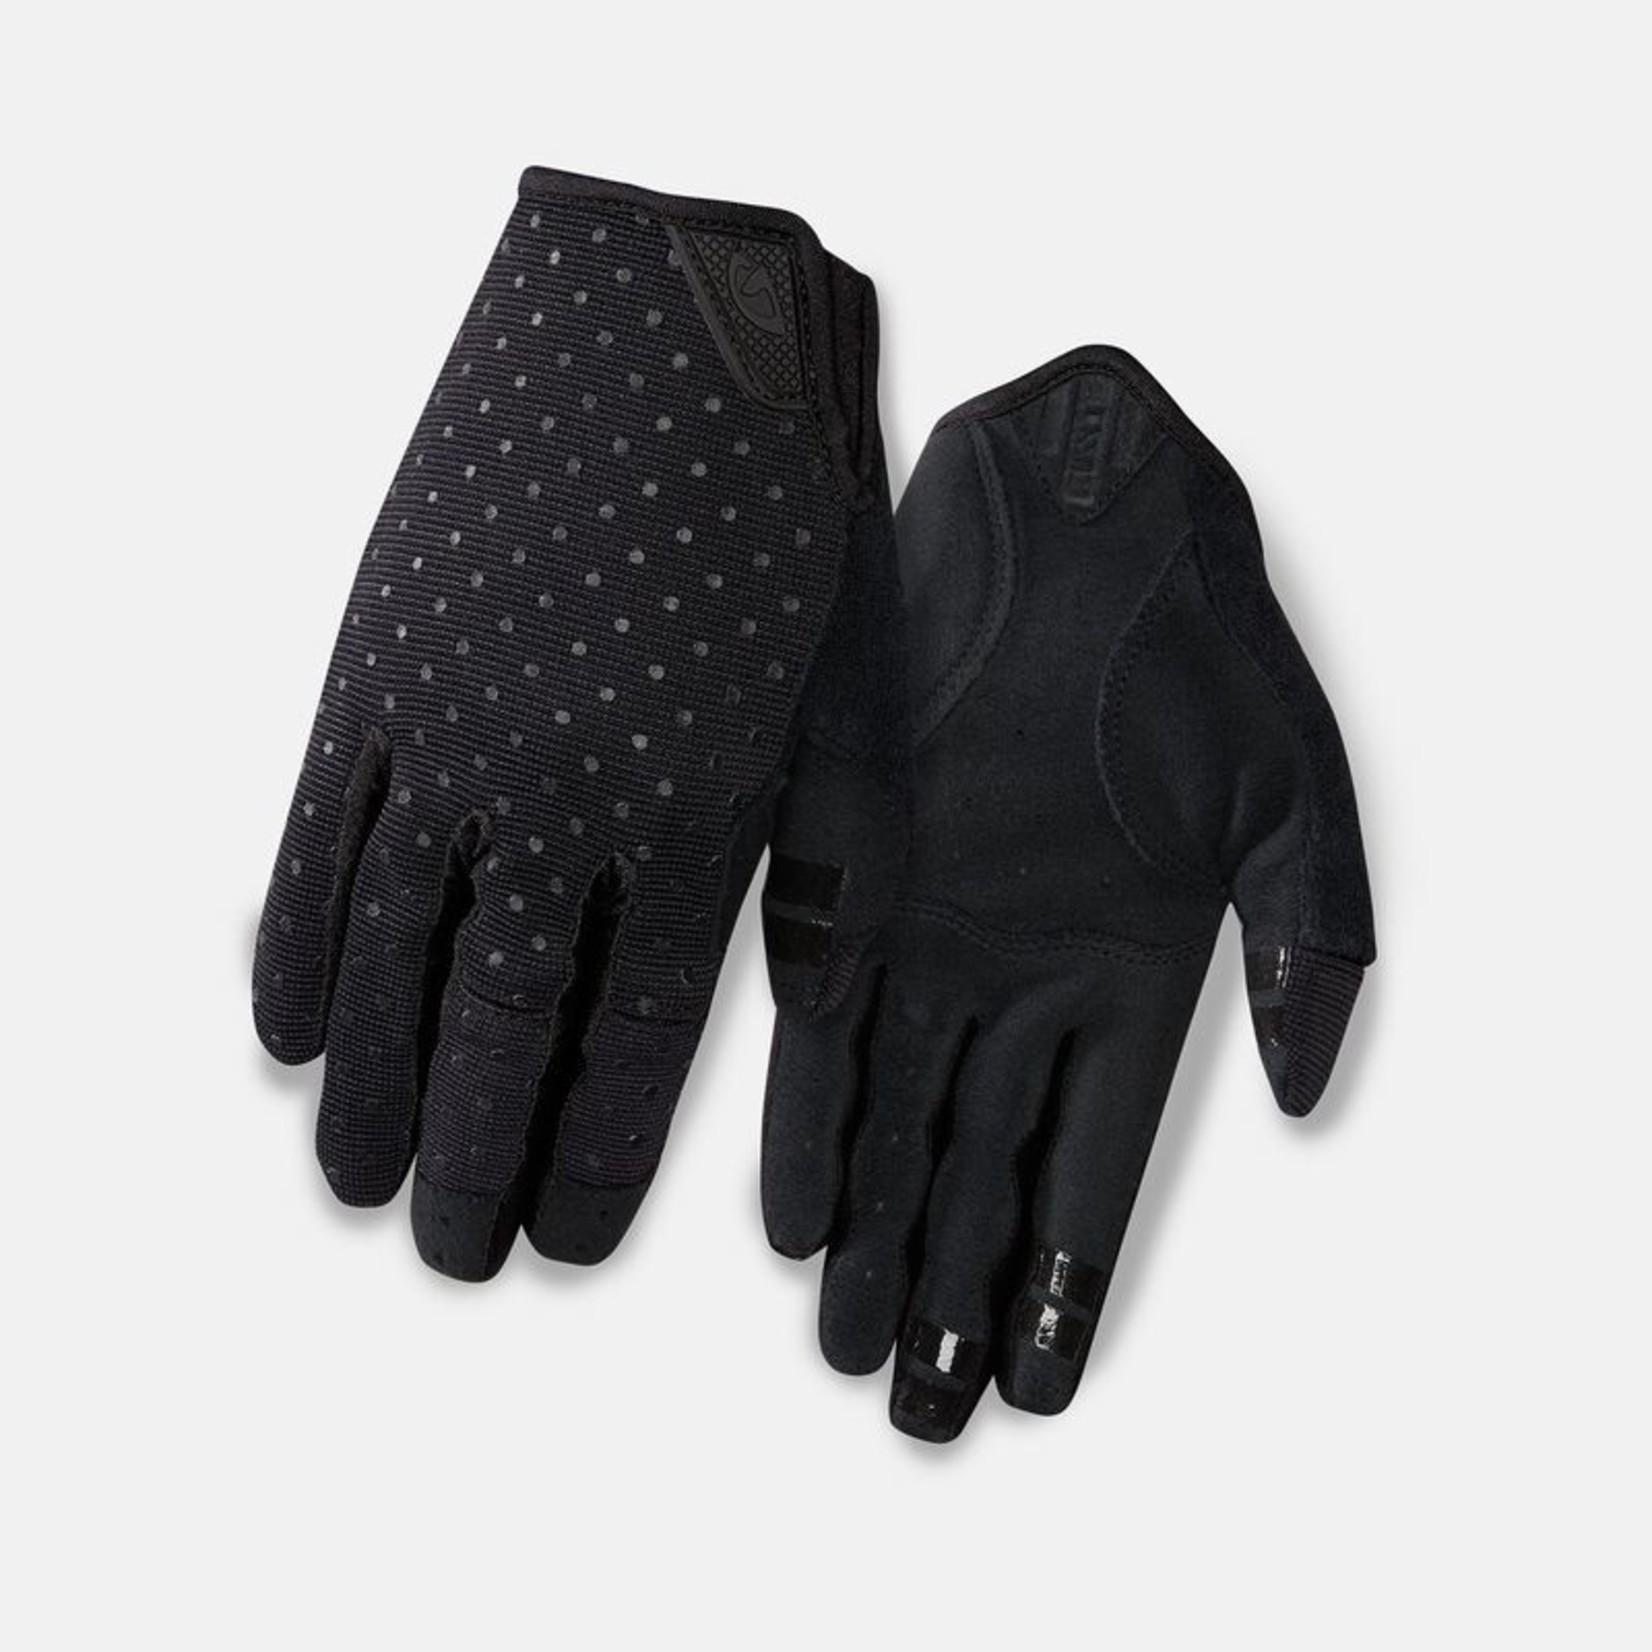 Giro Giro Gloves - La DND